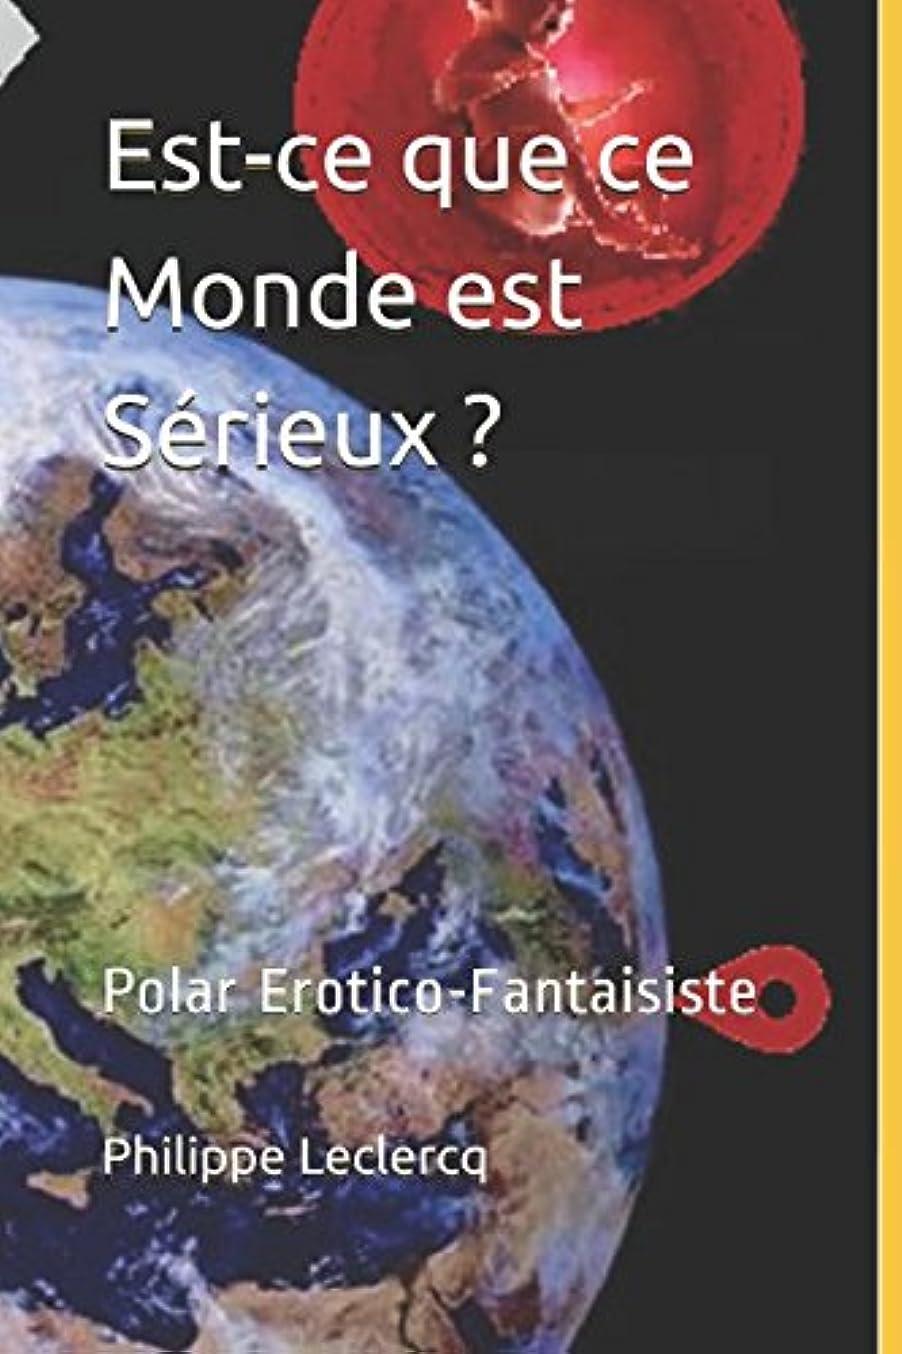 並外れた従事したアーティキュレーションEst-ce que ce Monde est Sérieux ?: Polar Erotico-Fantaisiste (Les aventures de Jess Sauveur)